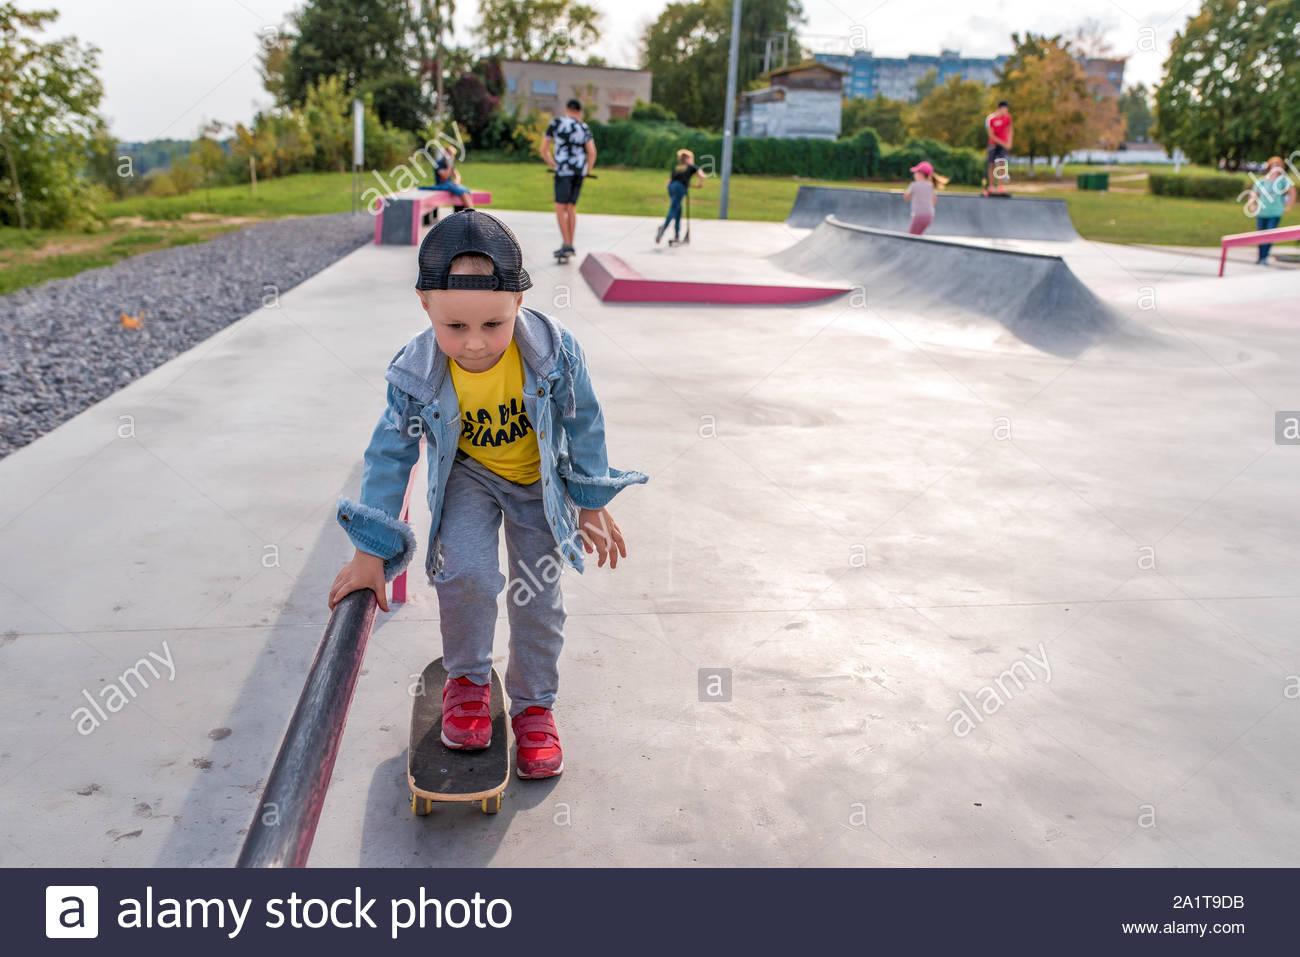 Aire De Jeu Pour Enfants, Petit Garçon De 3 À 5 Ans, L dedans Jeux Pour 3 5 Ans